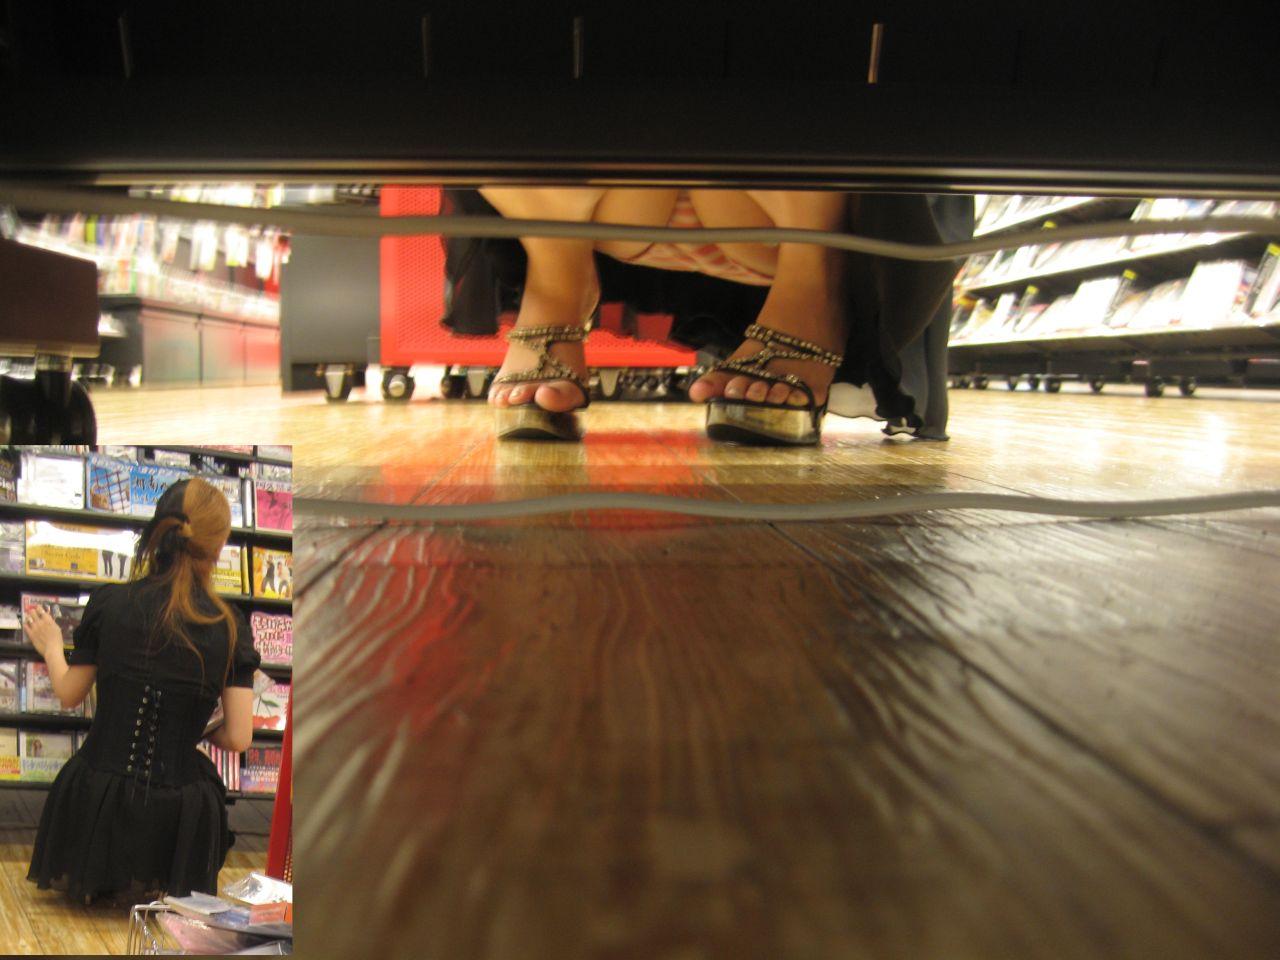 【パンチラエロ画像】DVD選ぶフリして棚下の…向こう側のパンチラ狙い撃ち(*´Д`)